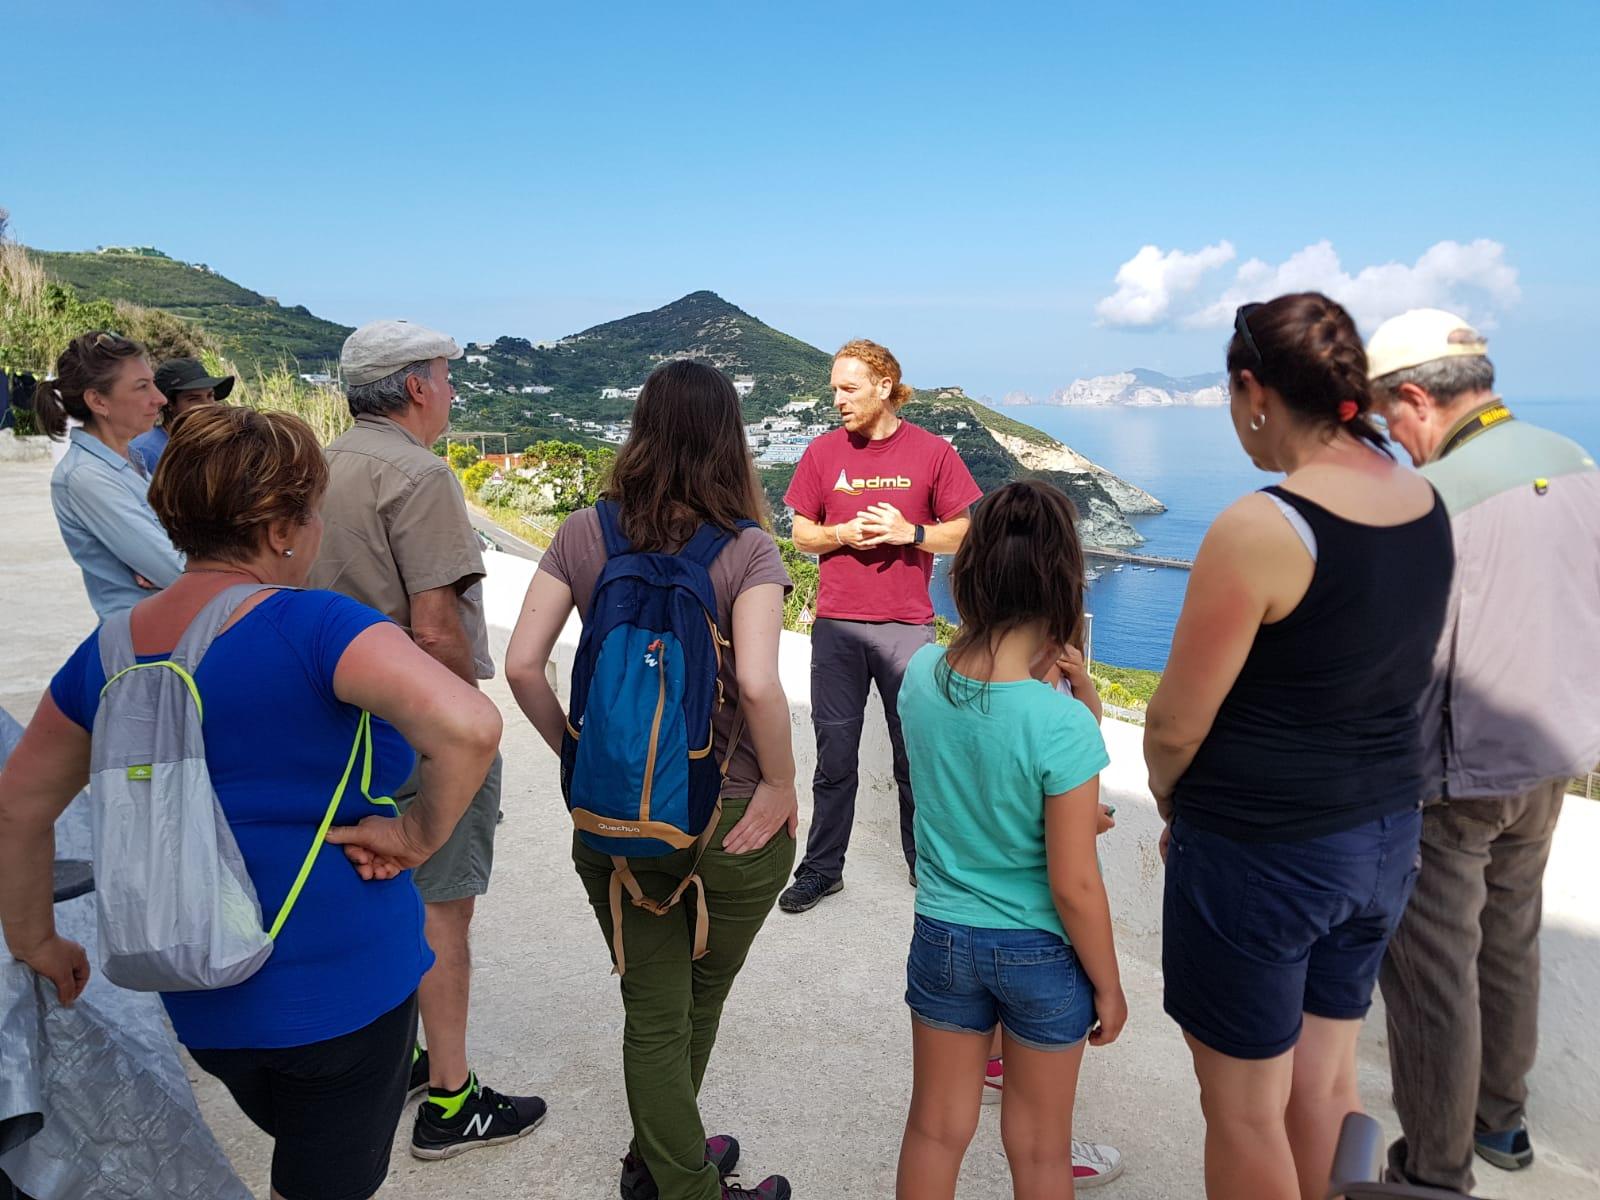 visita guidata naturalistica